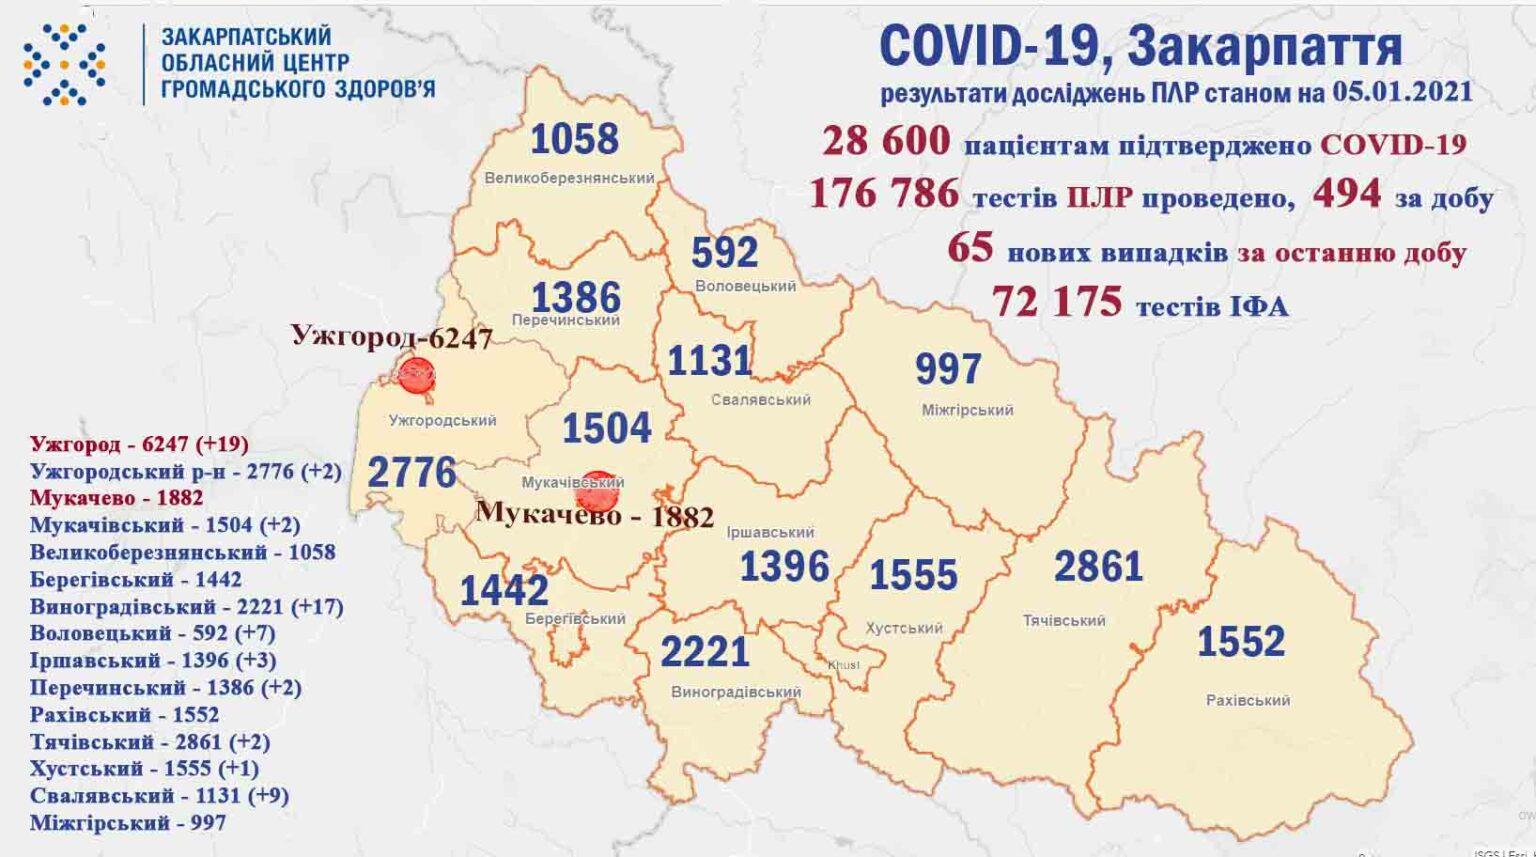 На Закарпатті за добу у 65 осіб підтверджено коронавірус